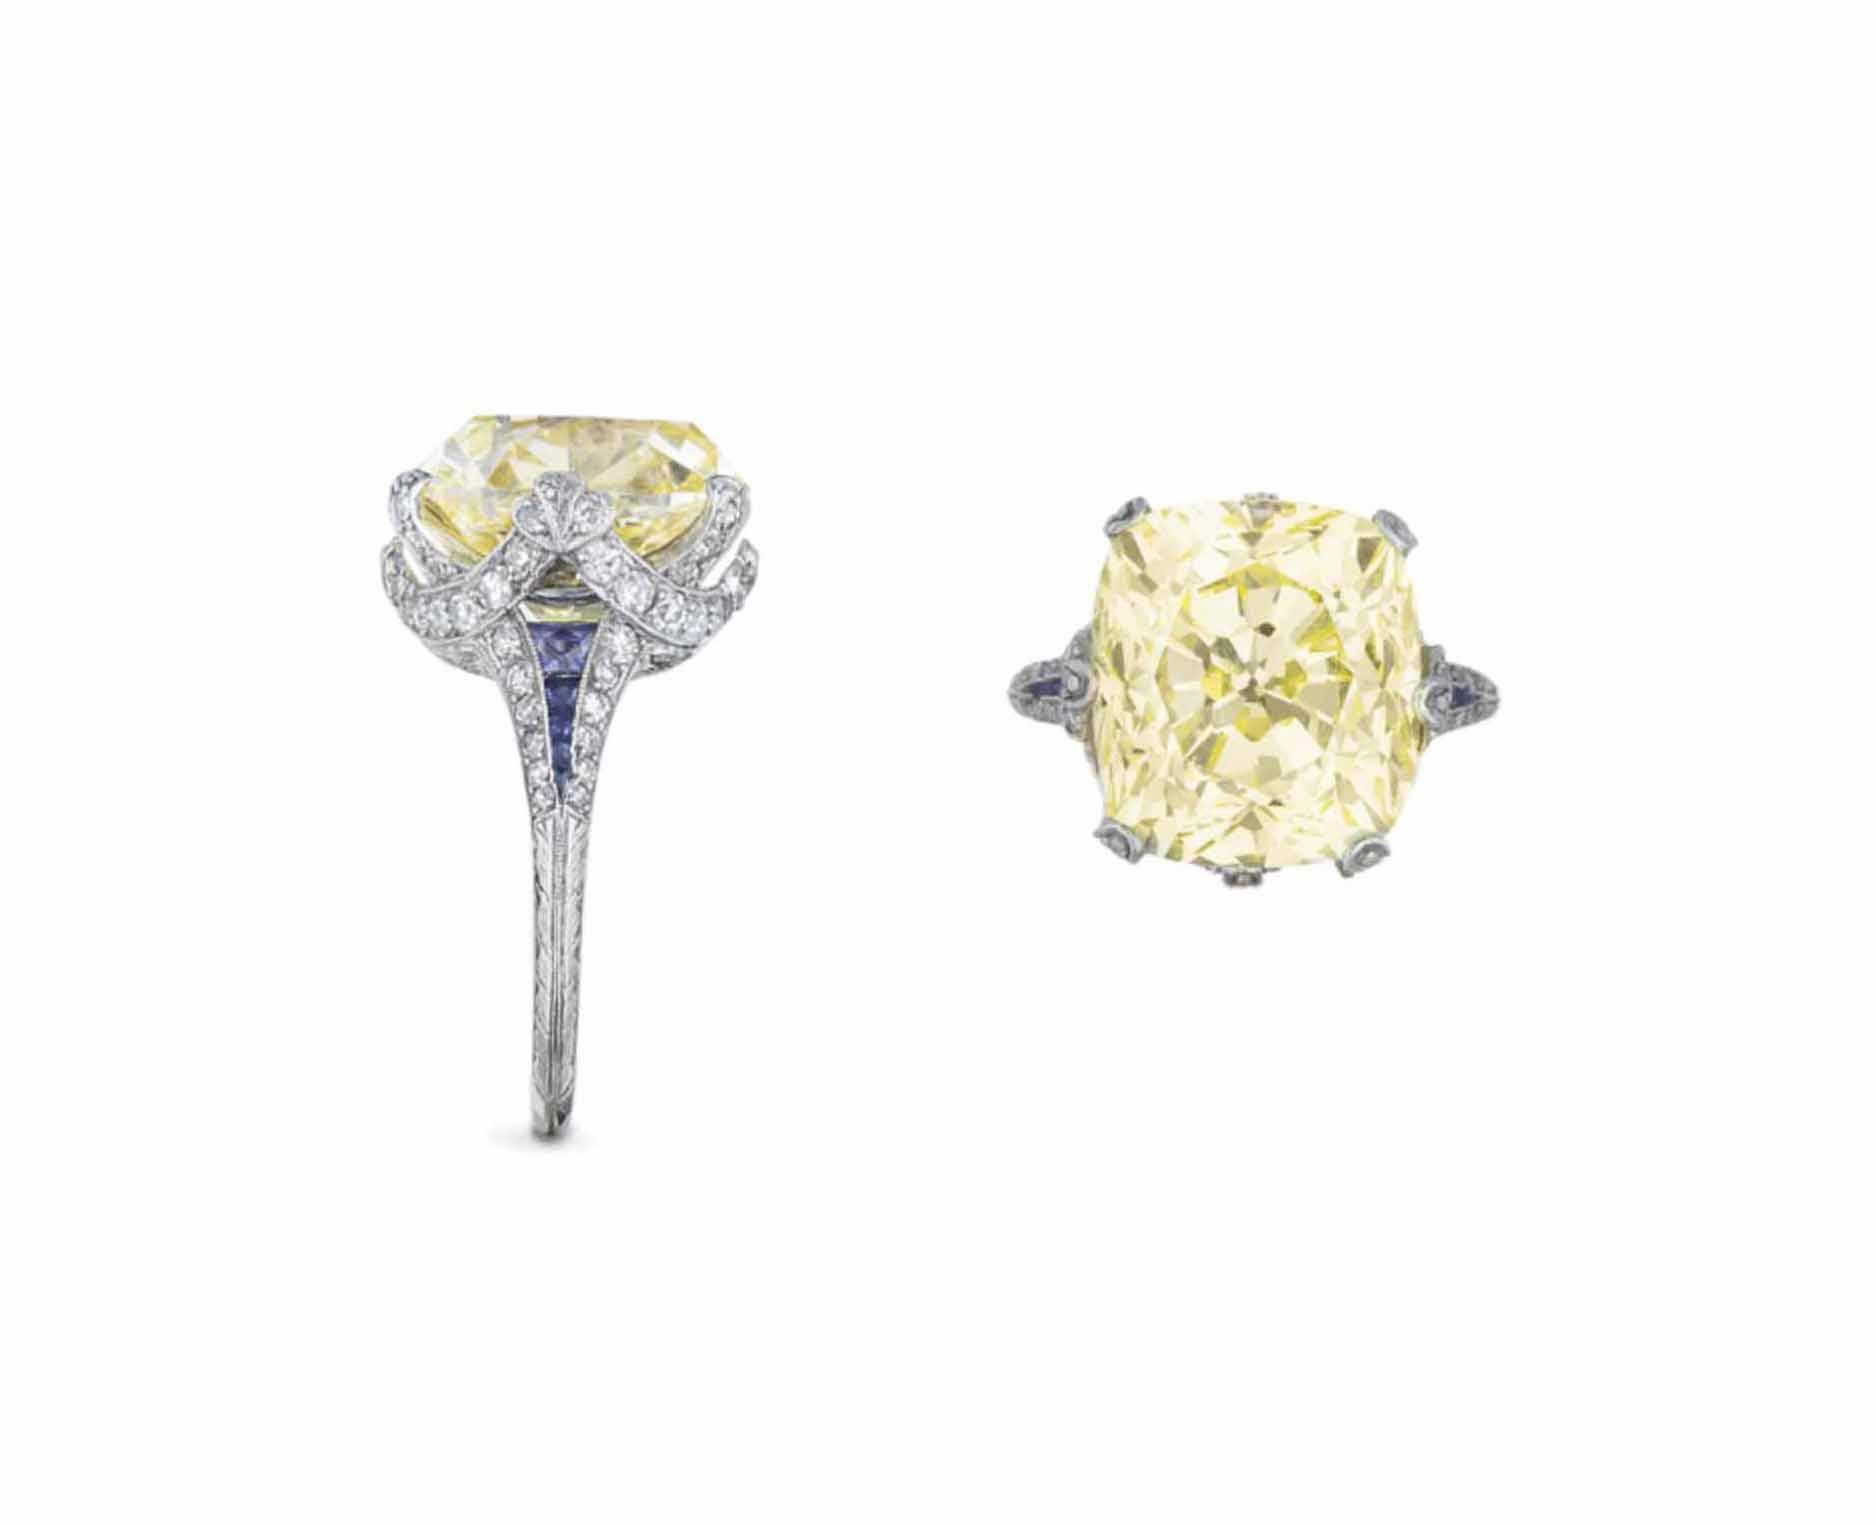 A BELLE ÉPOQUE COLORED DIAMOND